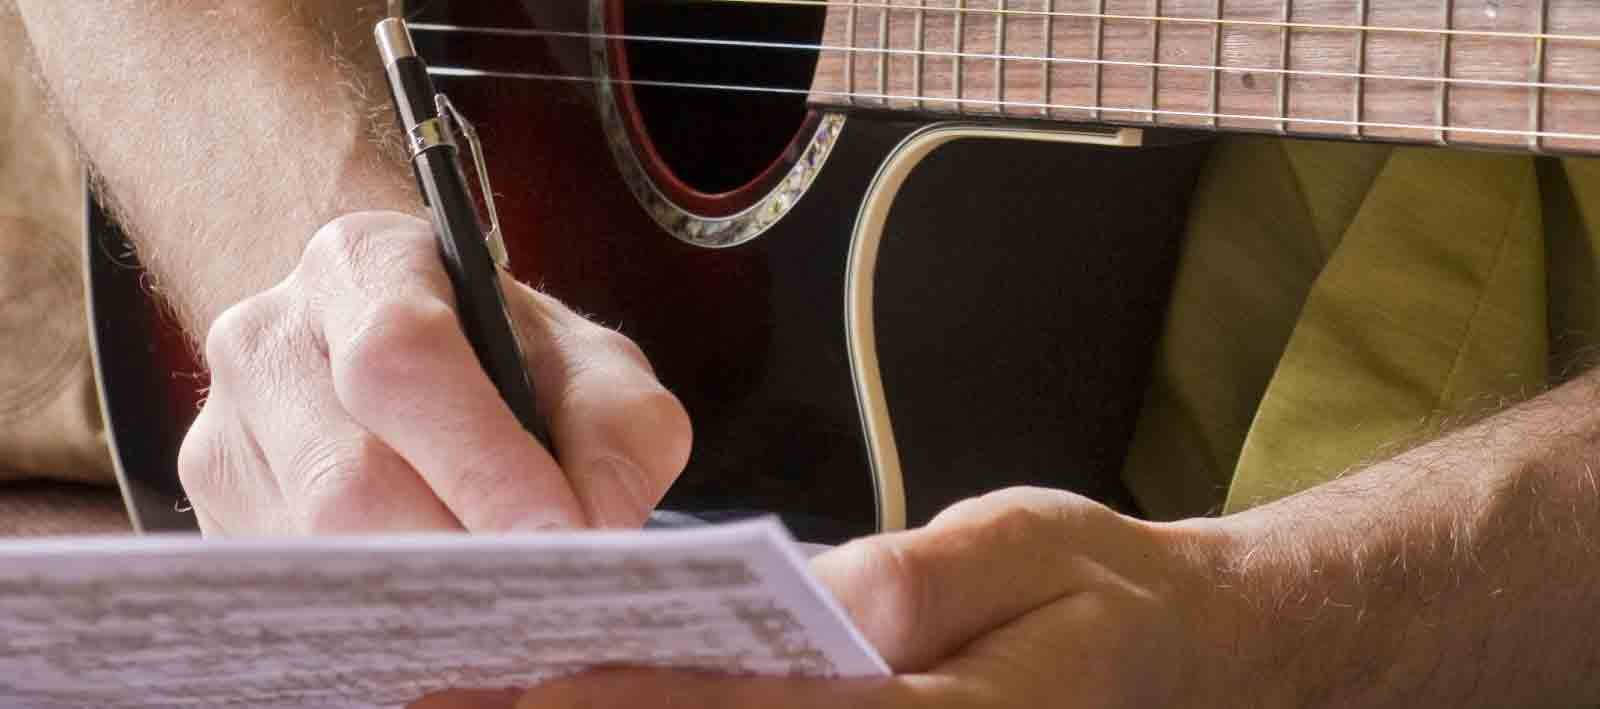 şarkı-sözü-yazarak-gelir-elde-etme